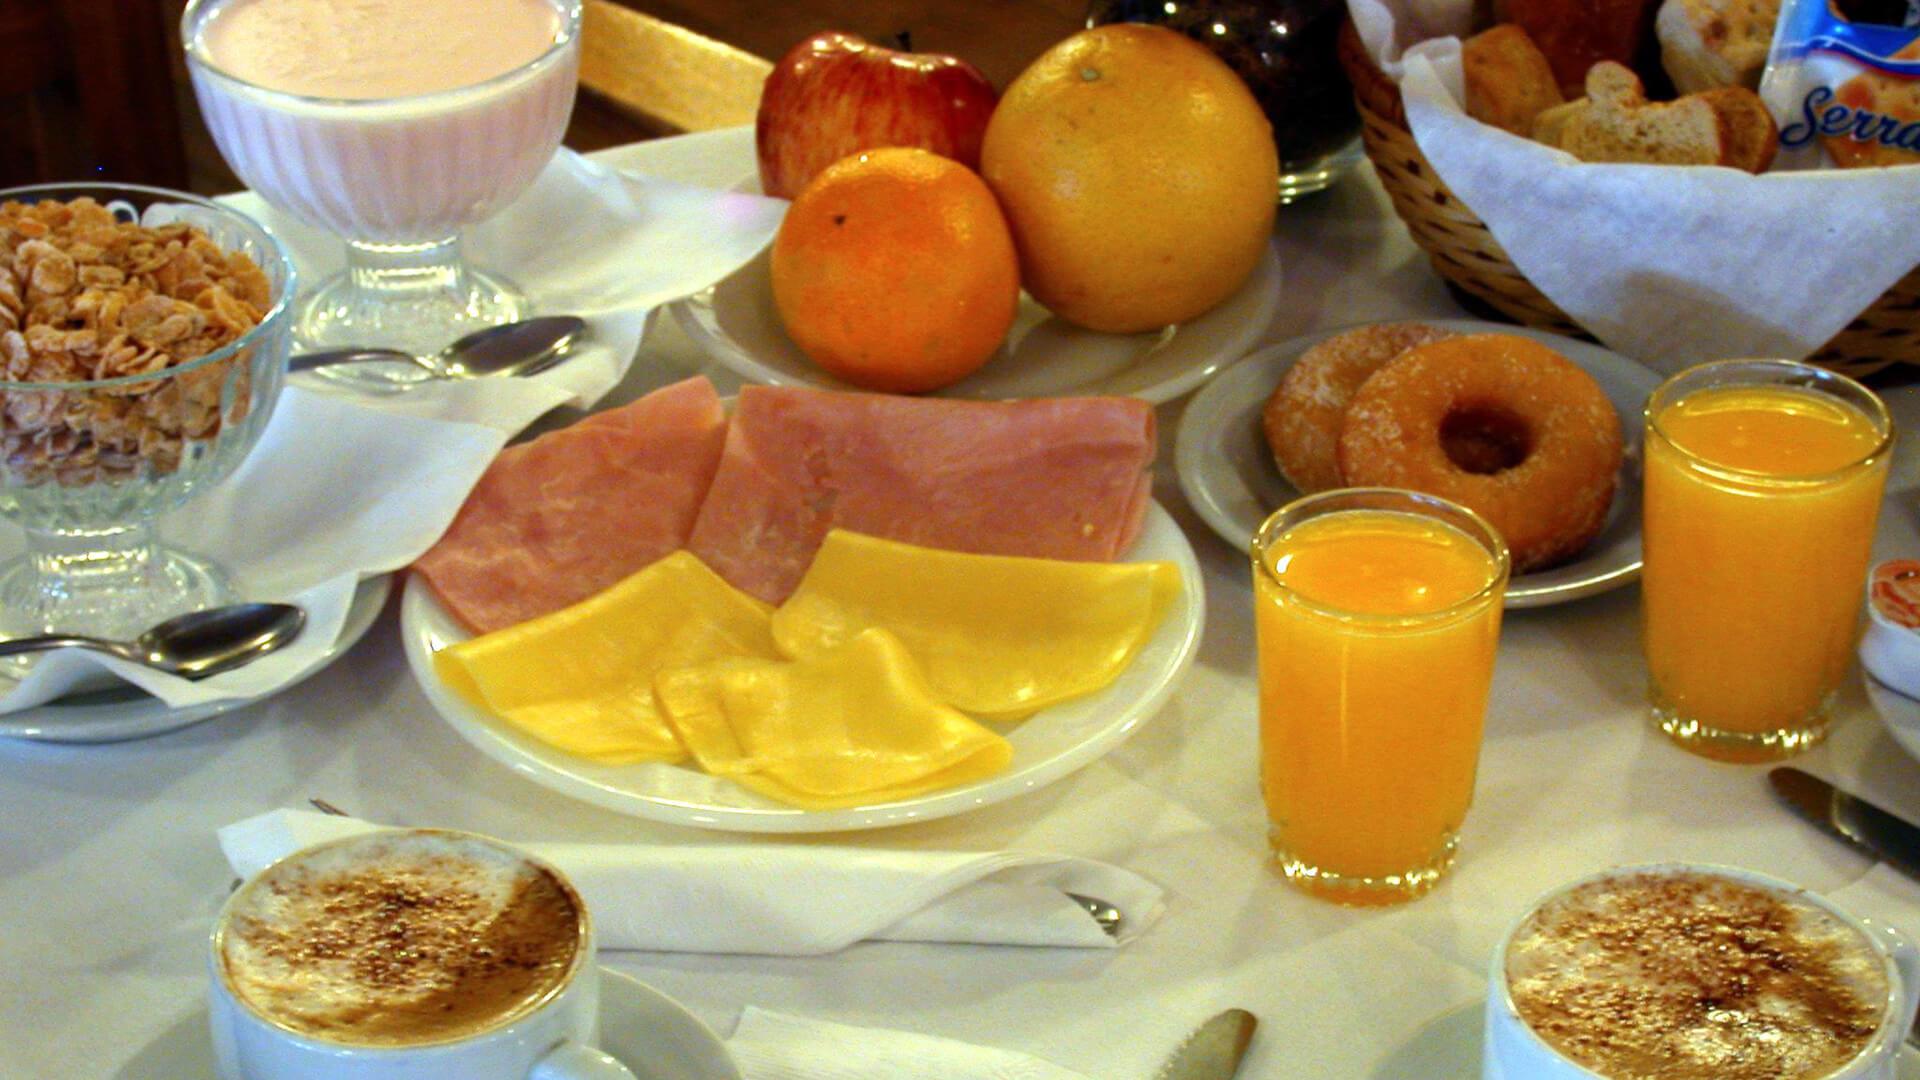 http://www.hotelsierrasol.com/wp-content/uploads//2017/01/desayuno.jpg